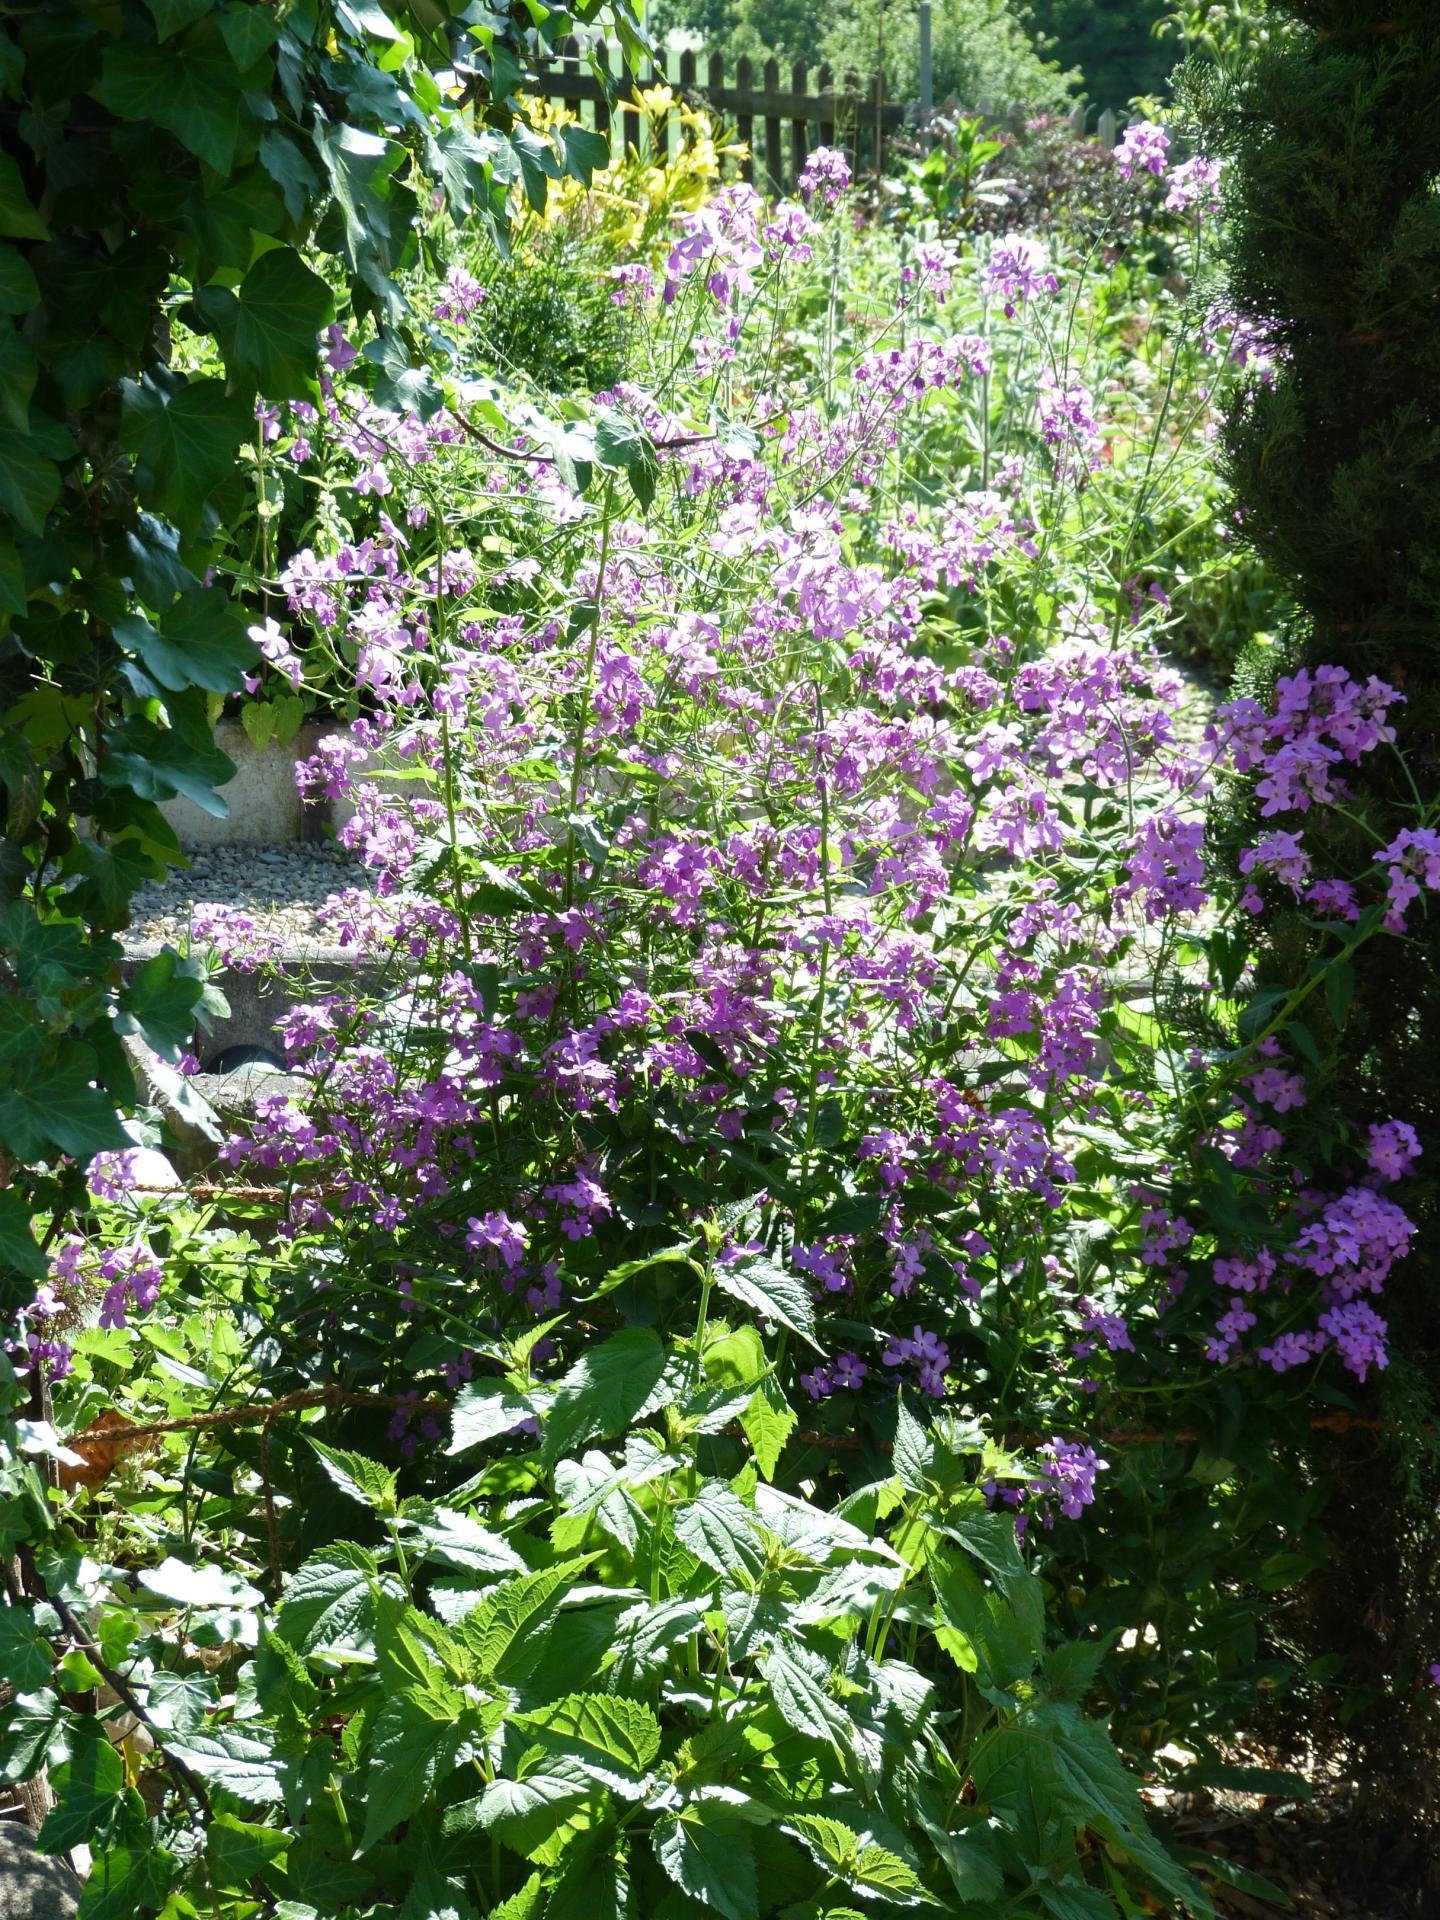 Jardinles especesjuliennedesdames 2